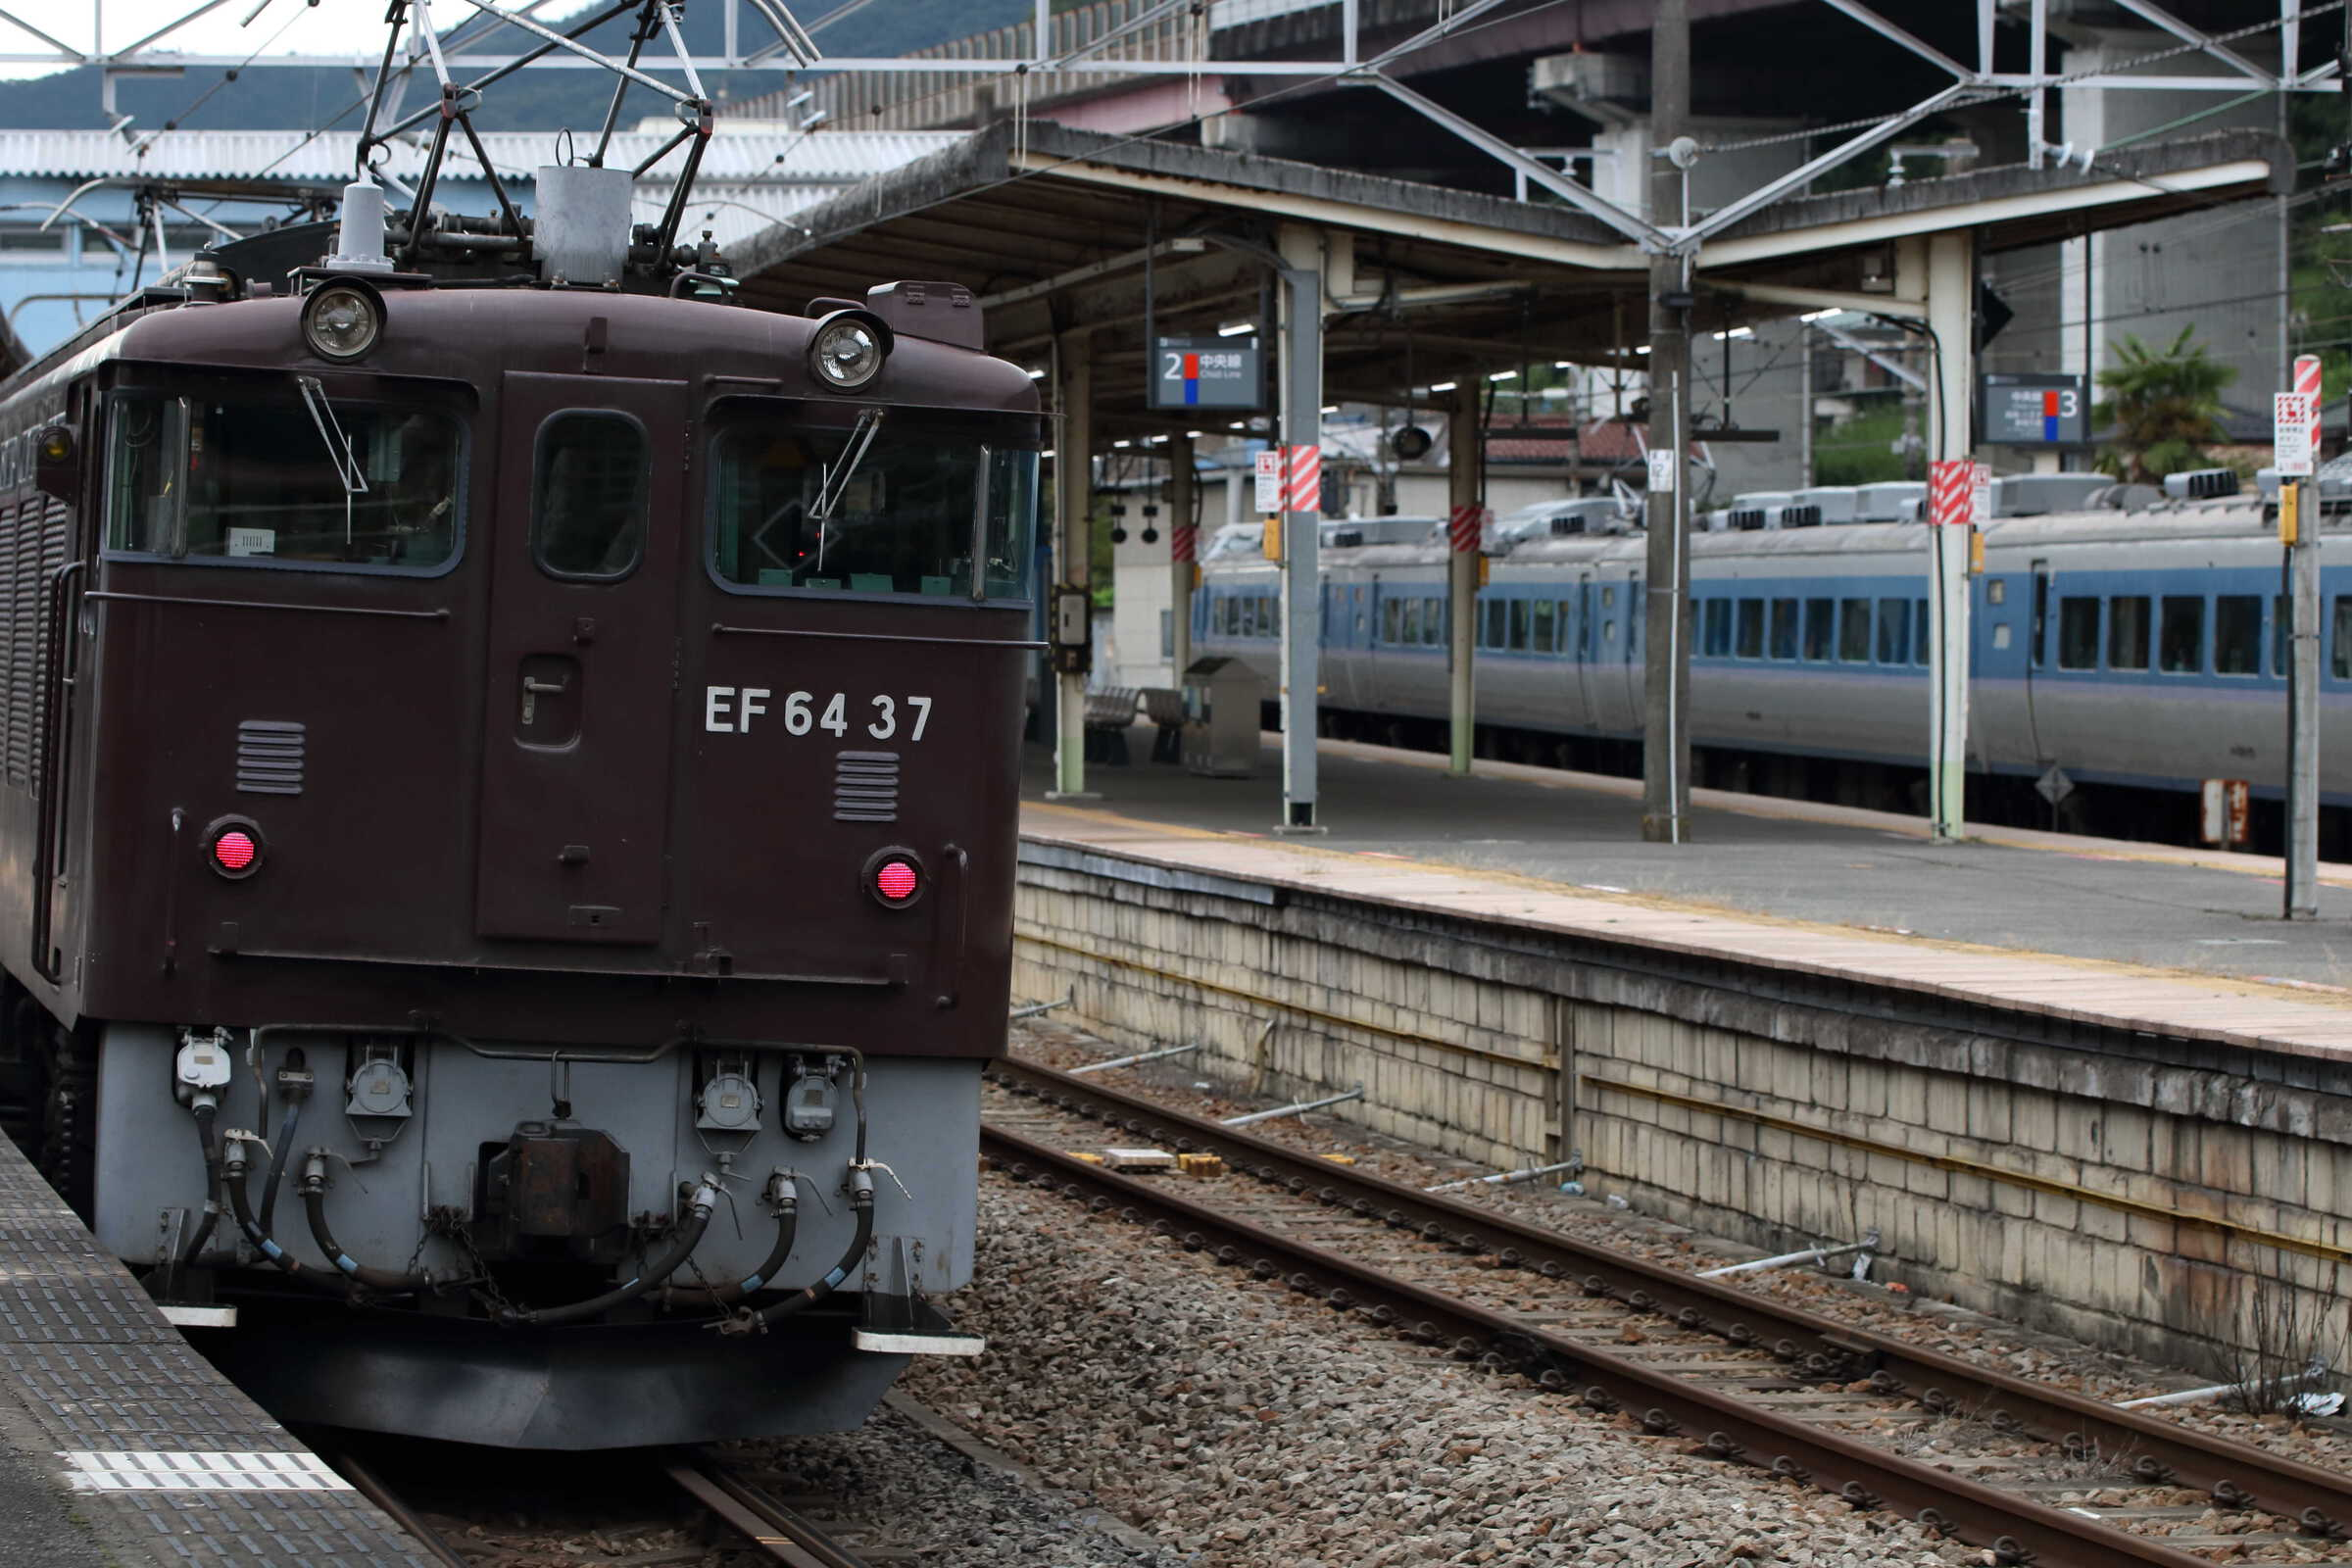 単9585列車 EF64-37①[高] / 9454M 長野〜立川〜我孫子団臨 189系 八トタM50編成